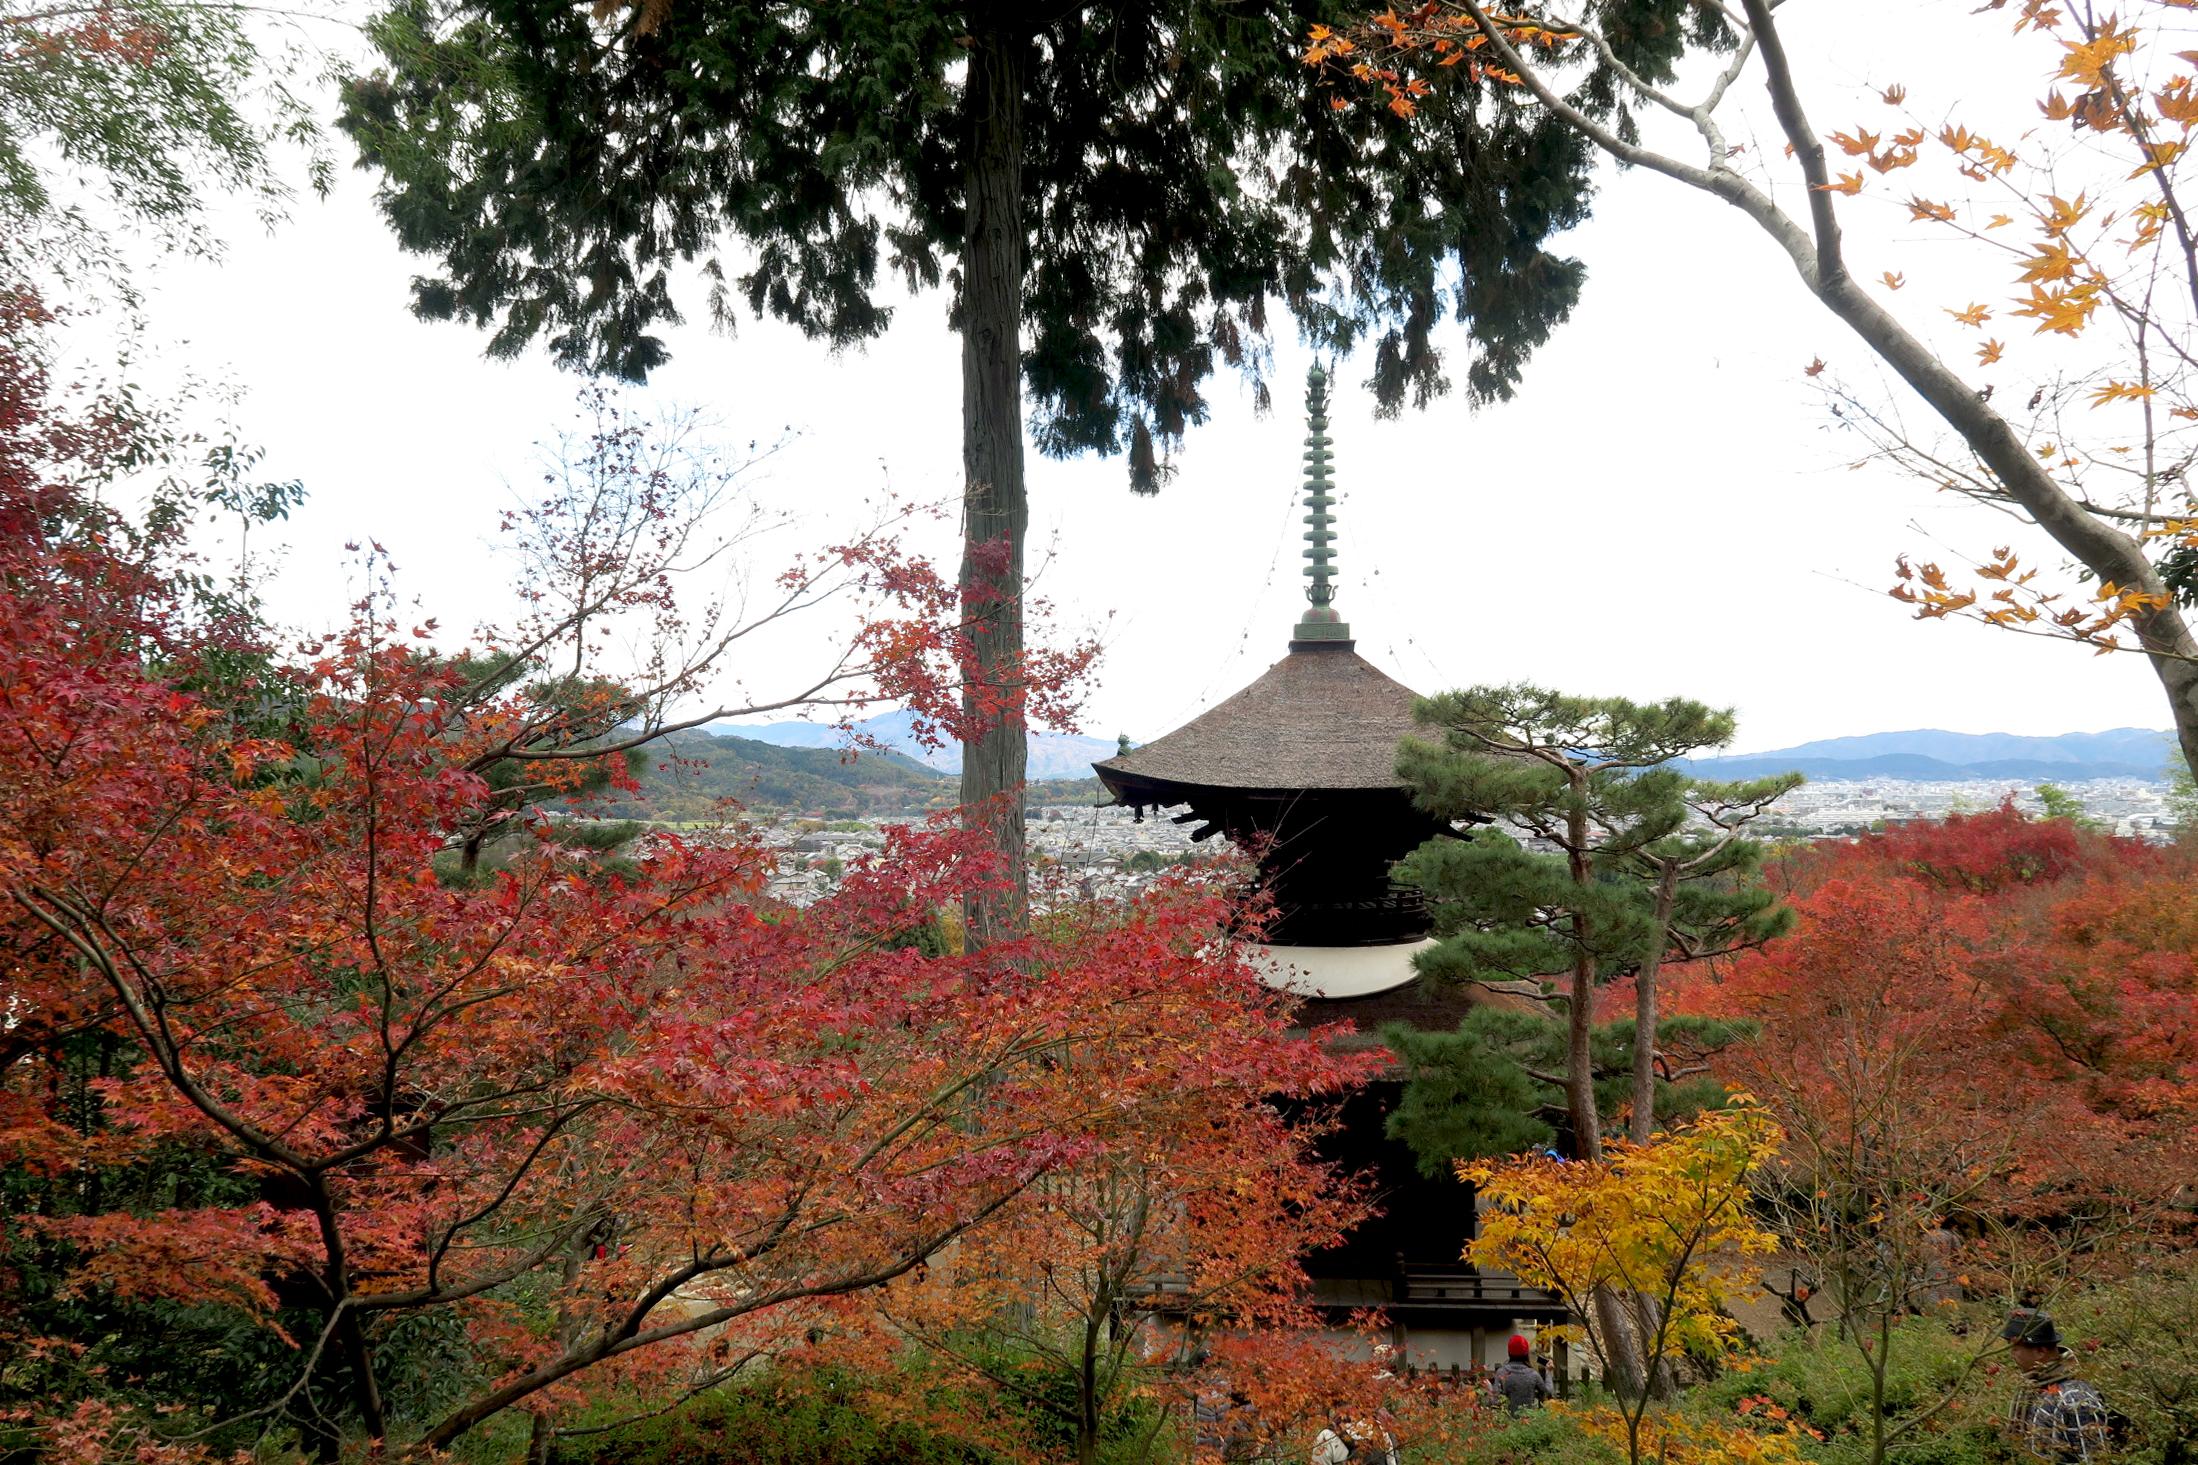 常寂光寺の多宝塔。多宝塔は平安時代、密教とともに登場した新しい形式の建物。